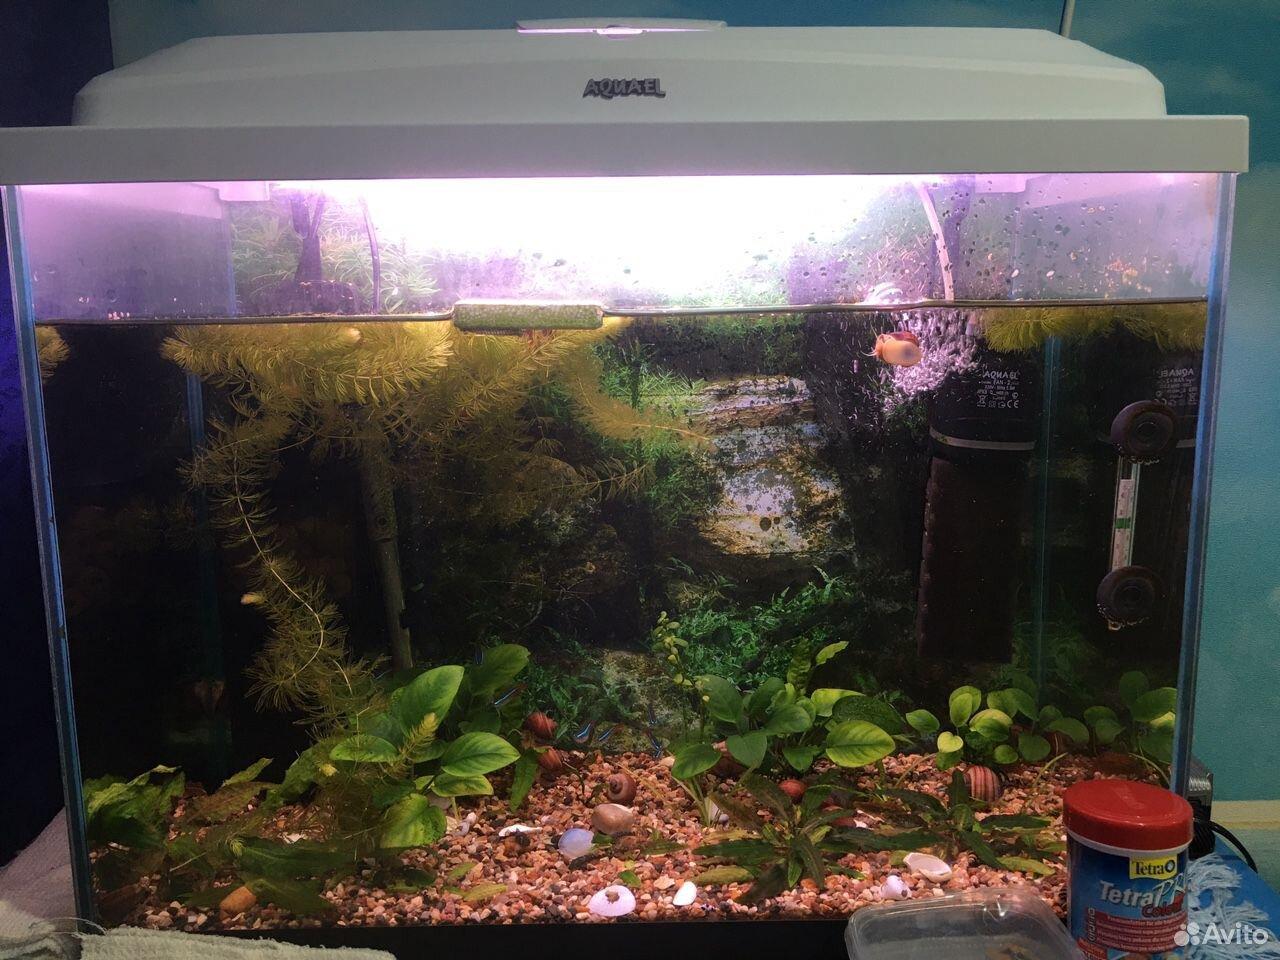 Aquarium 89825525555 buy 1